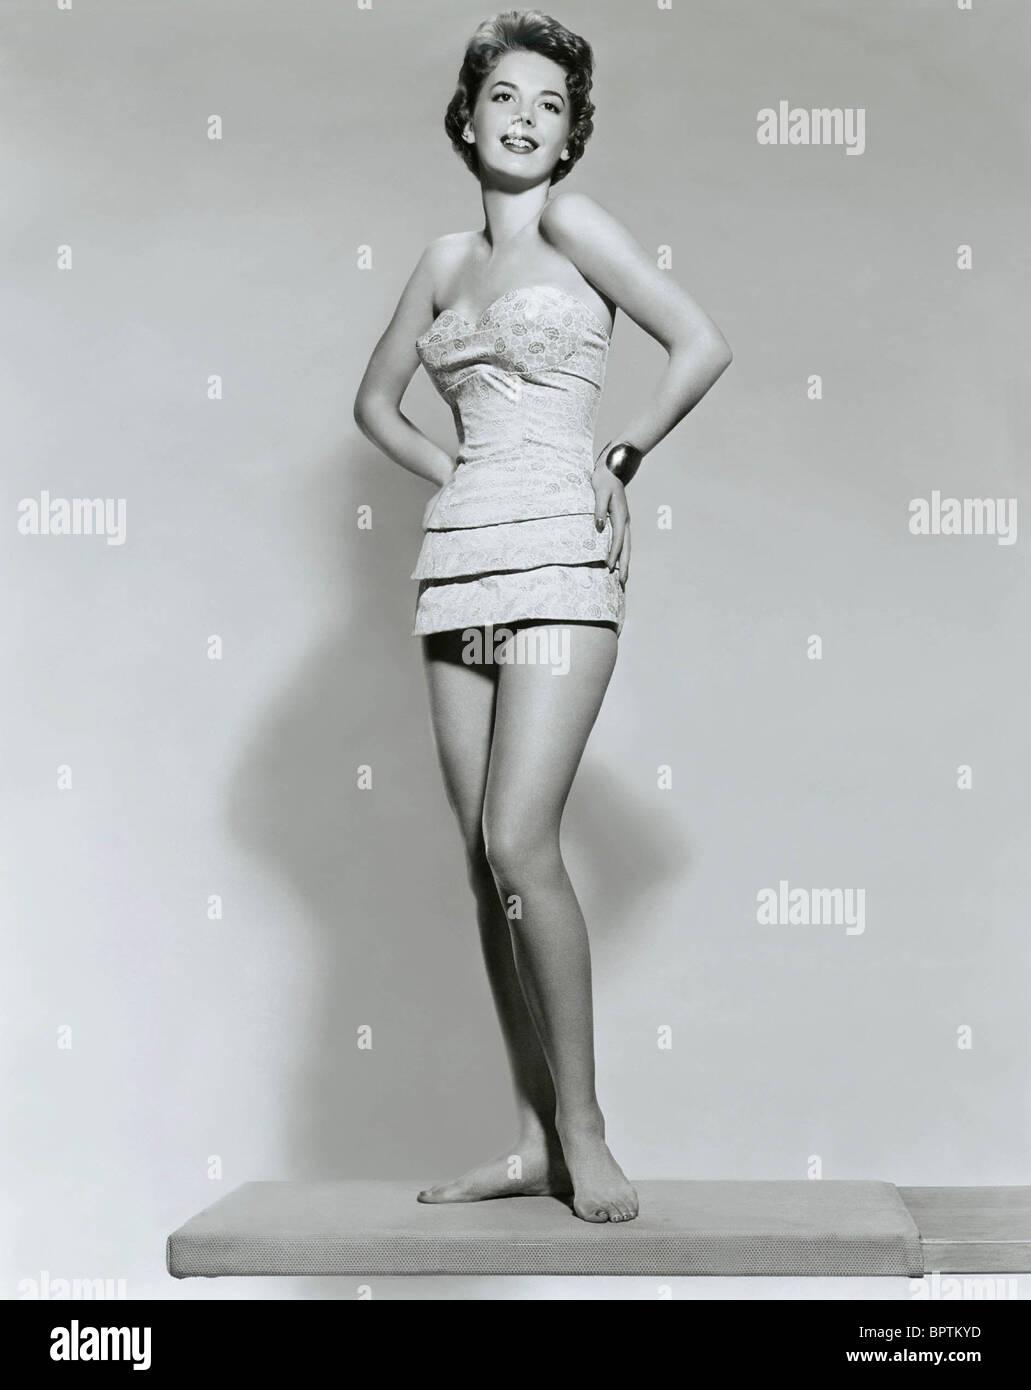 NATALIE WOOD ACTRESS (1956) - Stock Image